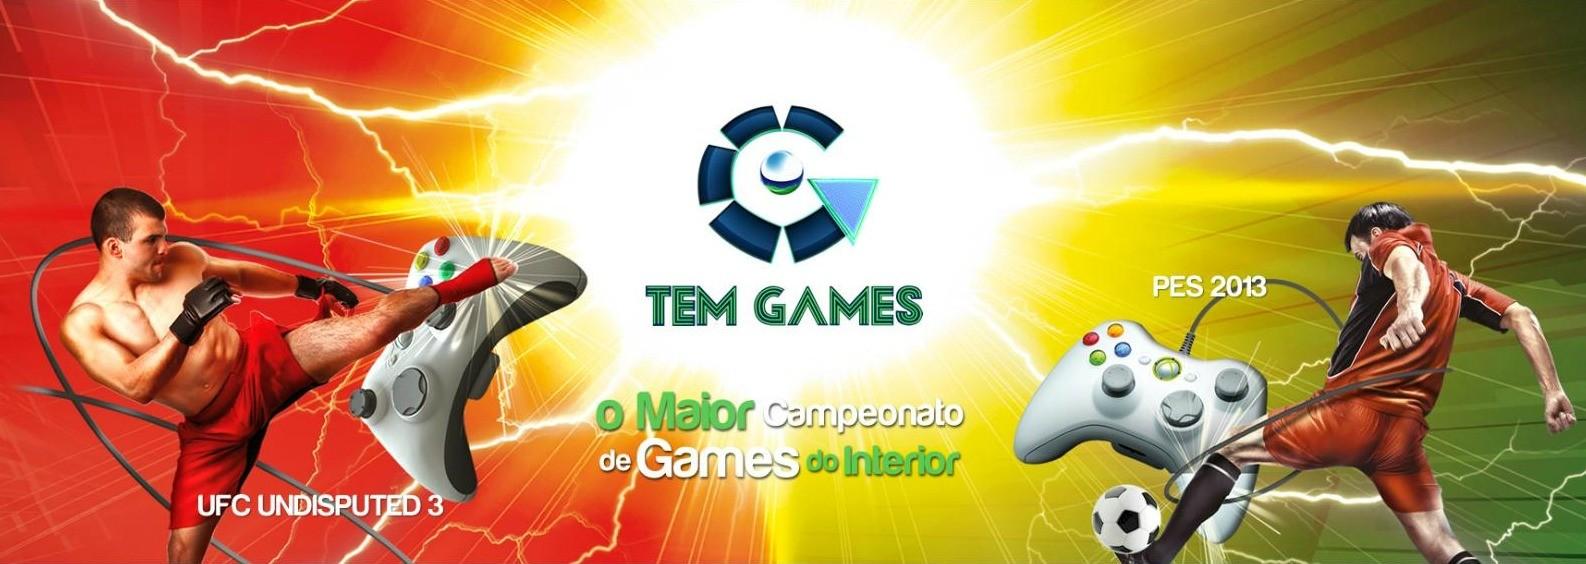 Tem Games 2013 - topo (Foto: Arquivo / TV TEM)